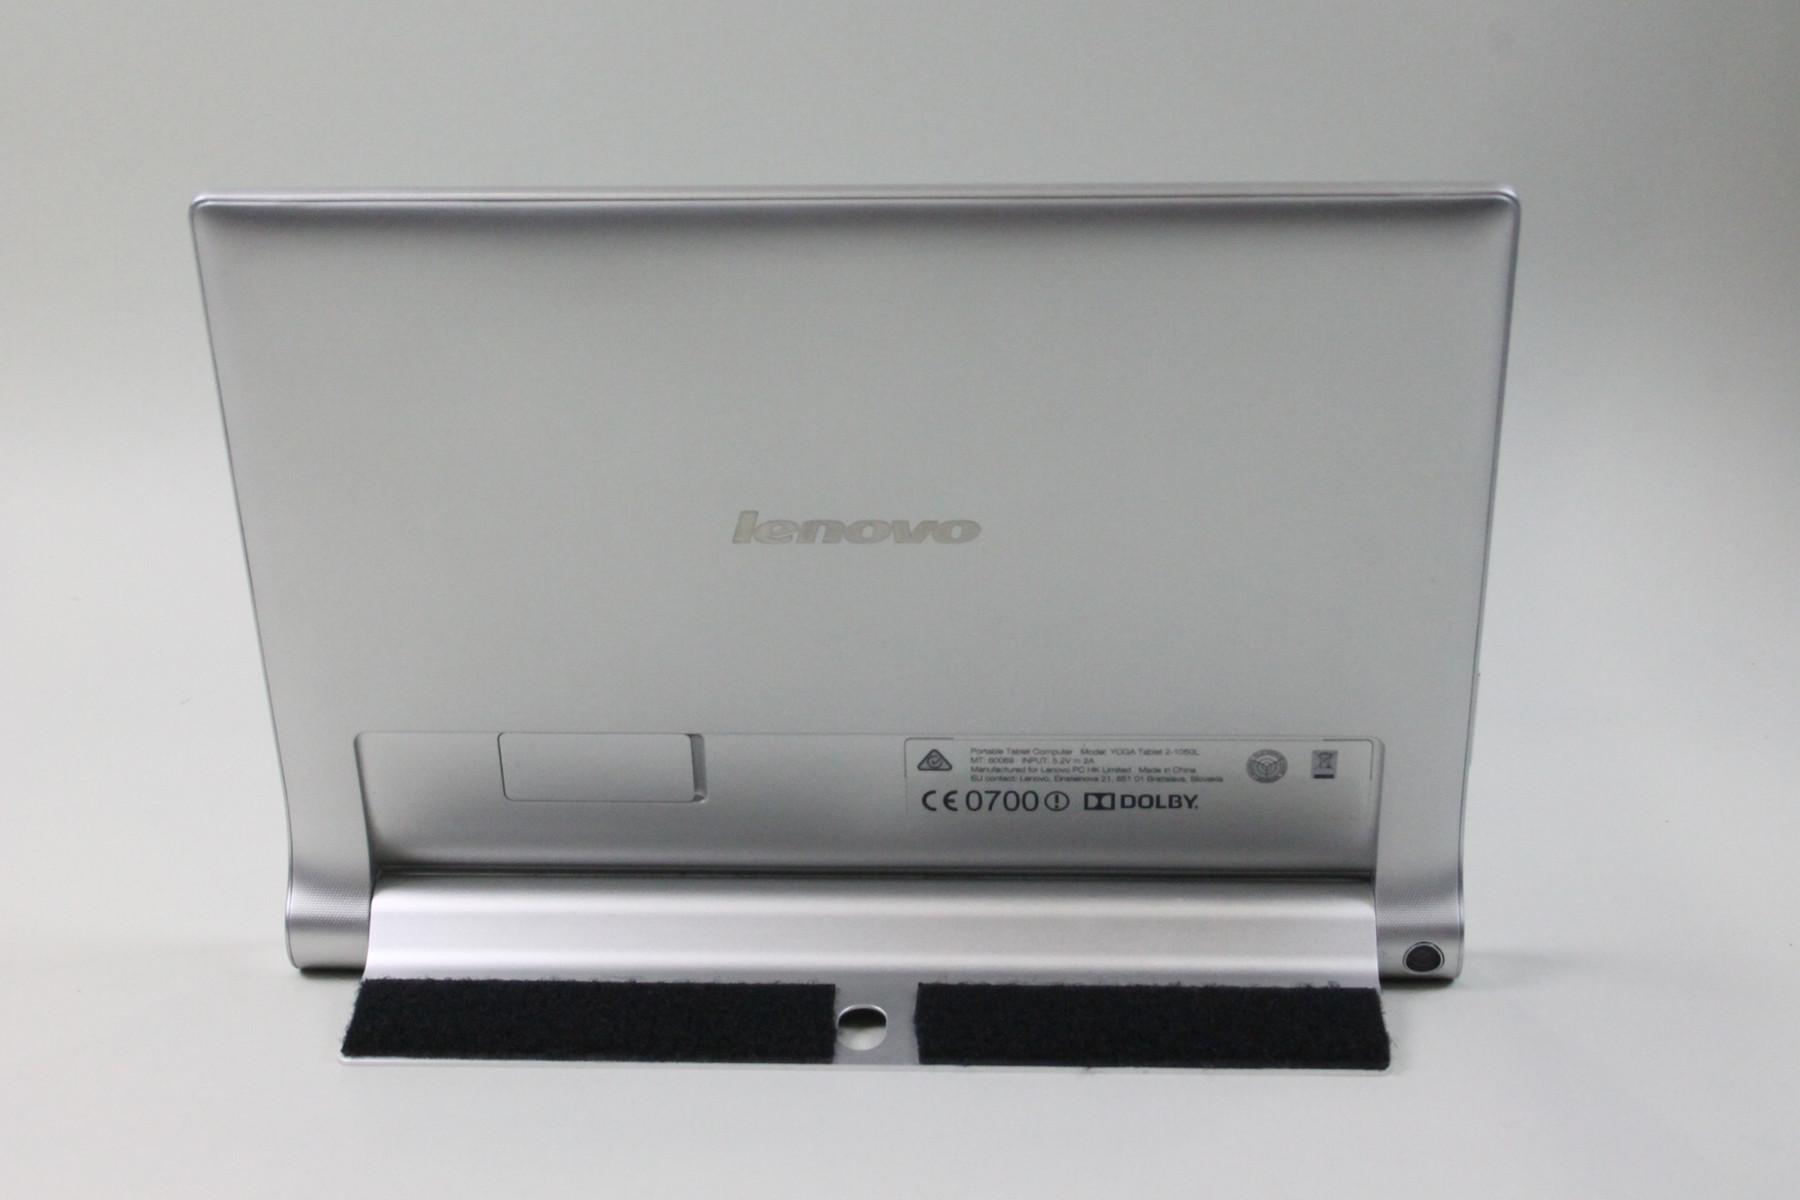 Lenovo Yoga Tablet 2 101 16gb Emmc Wi Fi 4g Silber Mit Idea Tab B8000 Silver 3 Von 4